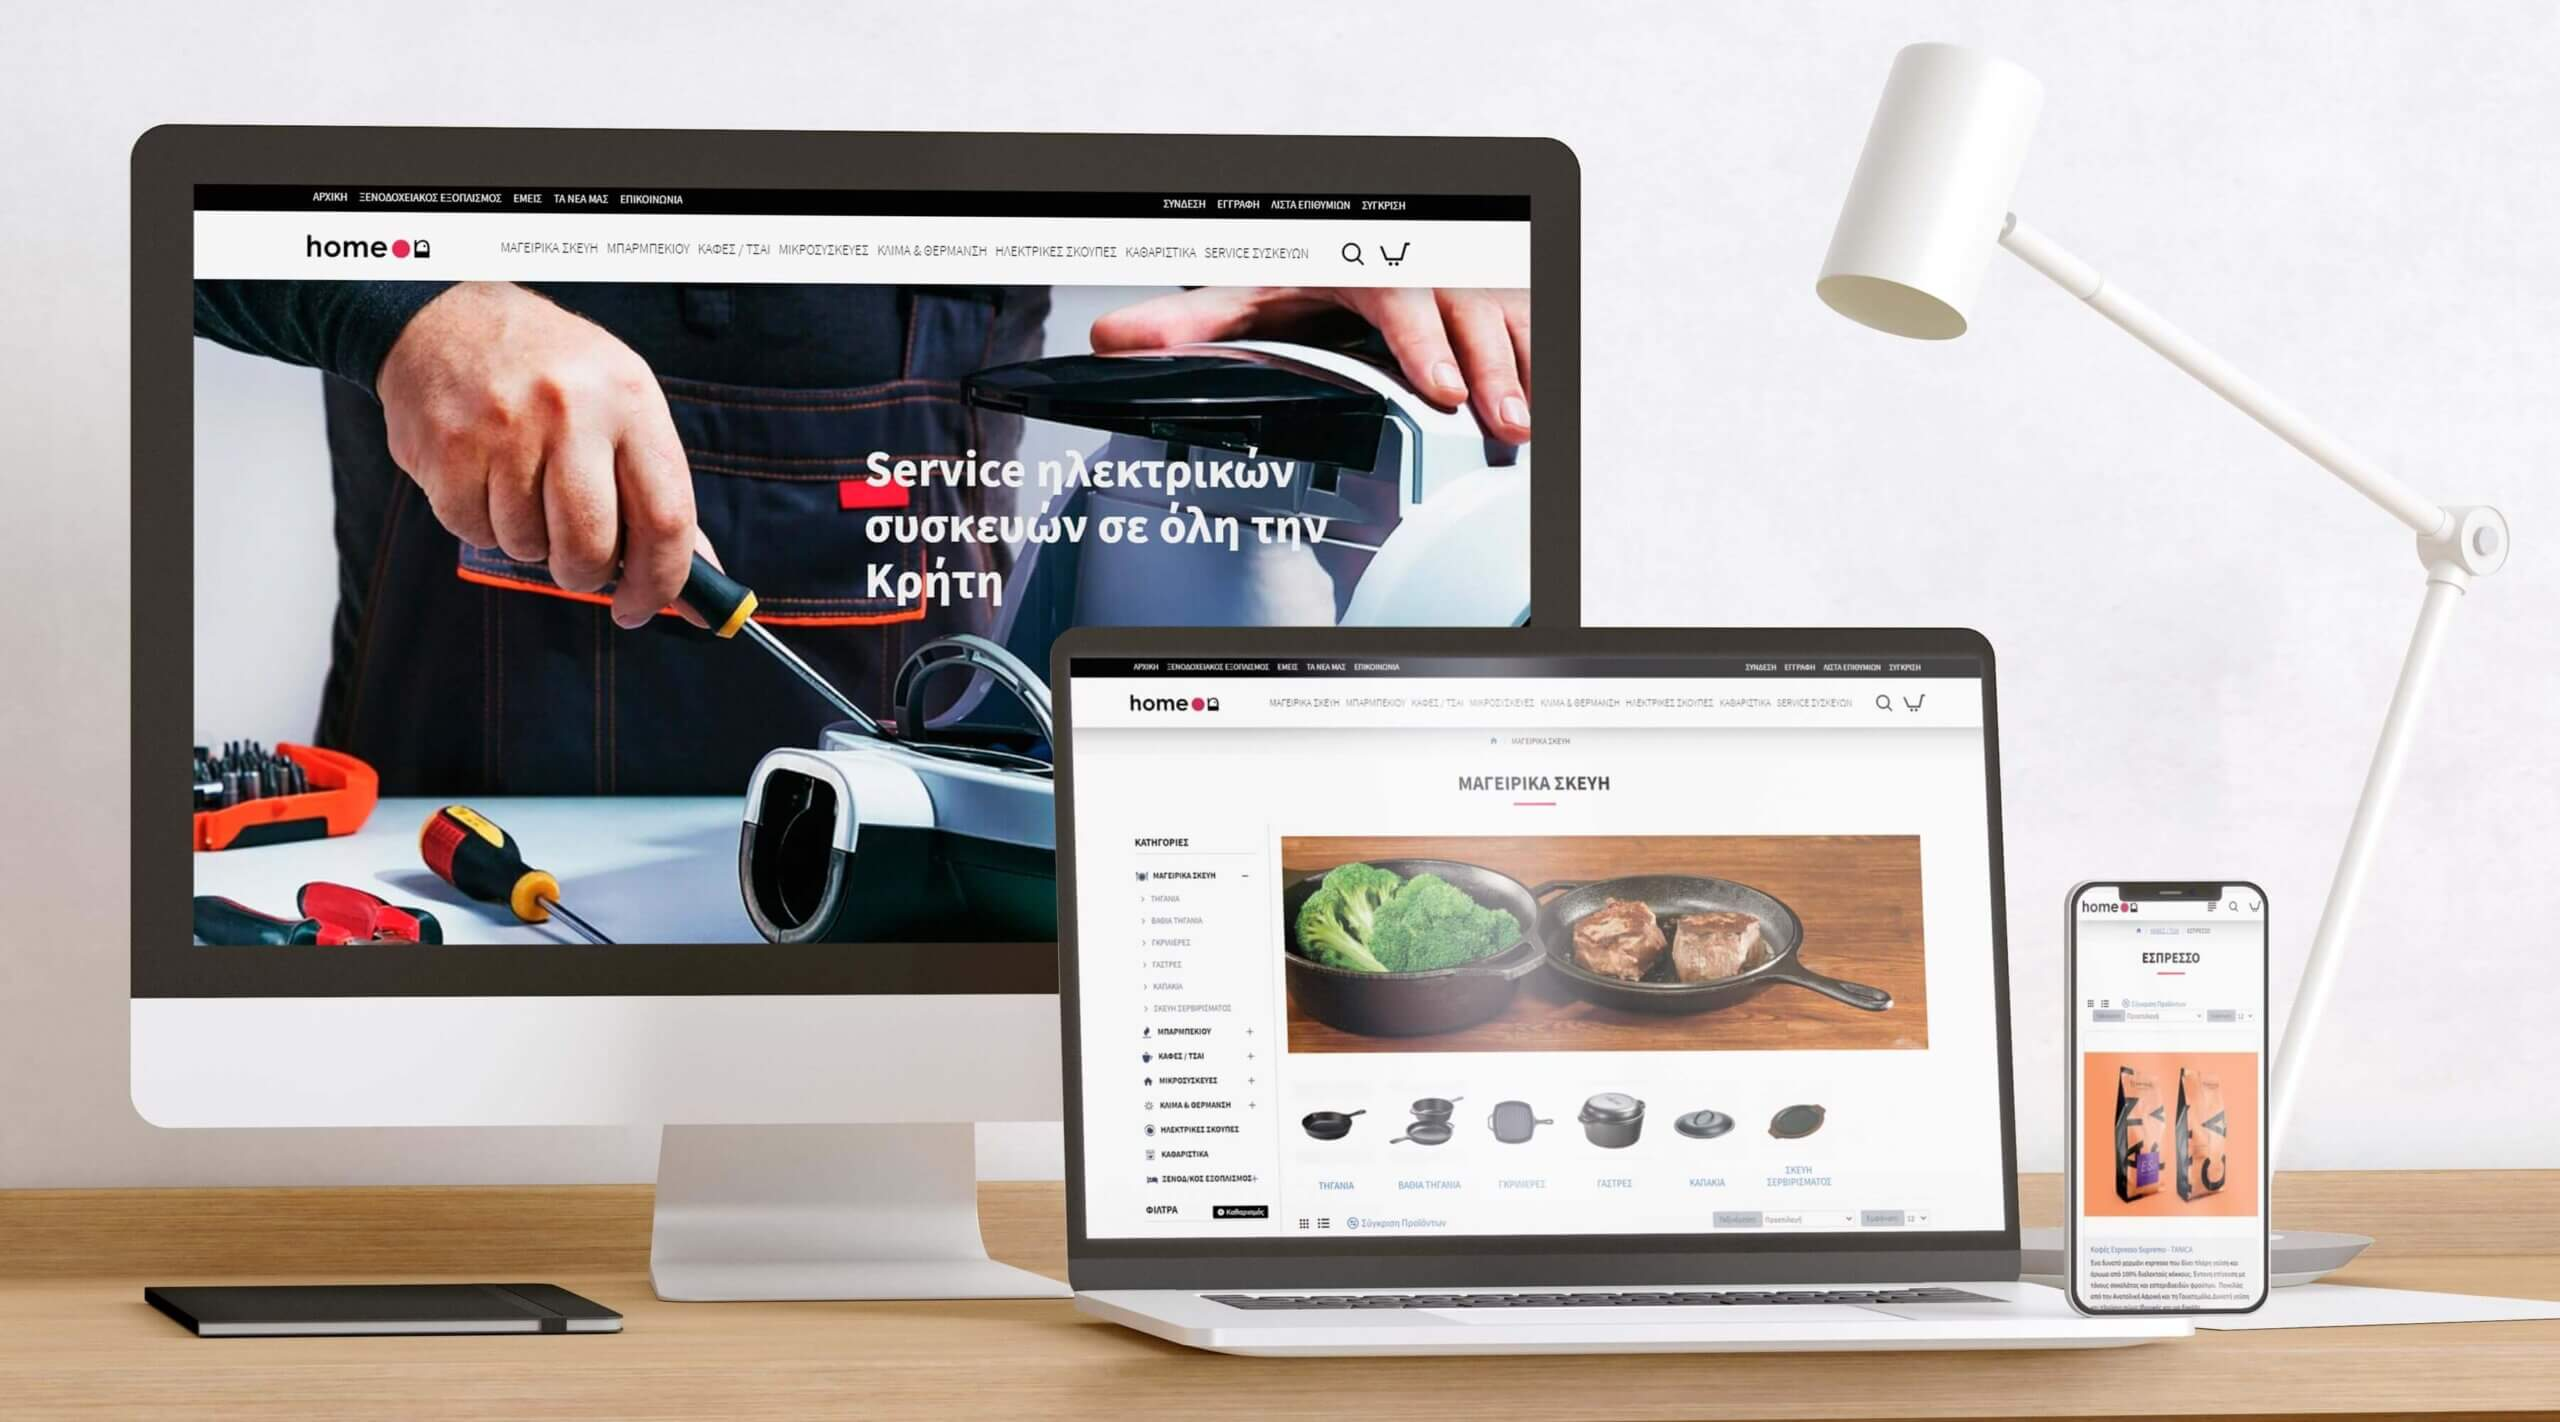 Κατασκευή eshop ηλεκτρικών συσκευών για το Home On από την Force Web